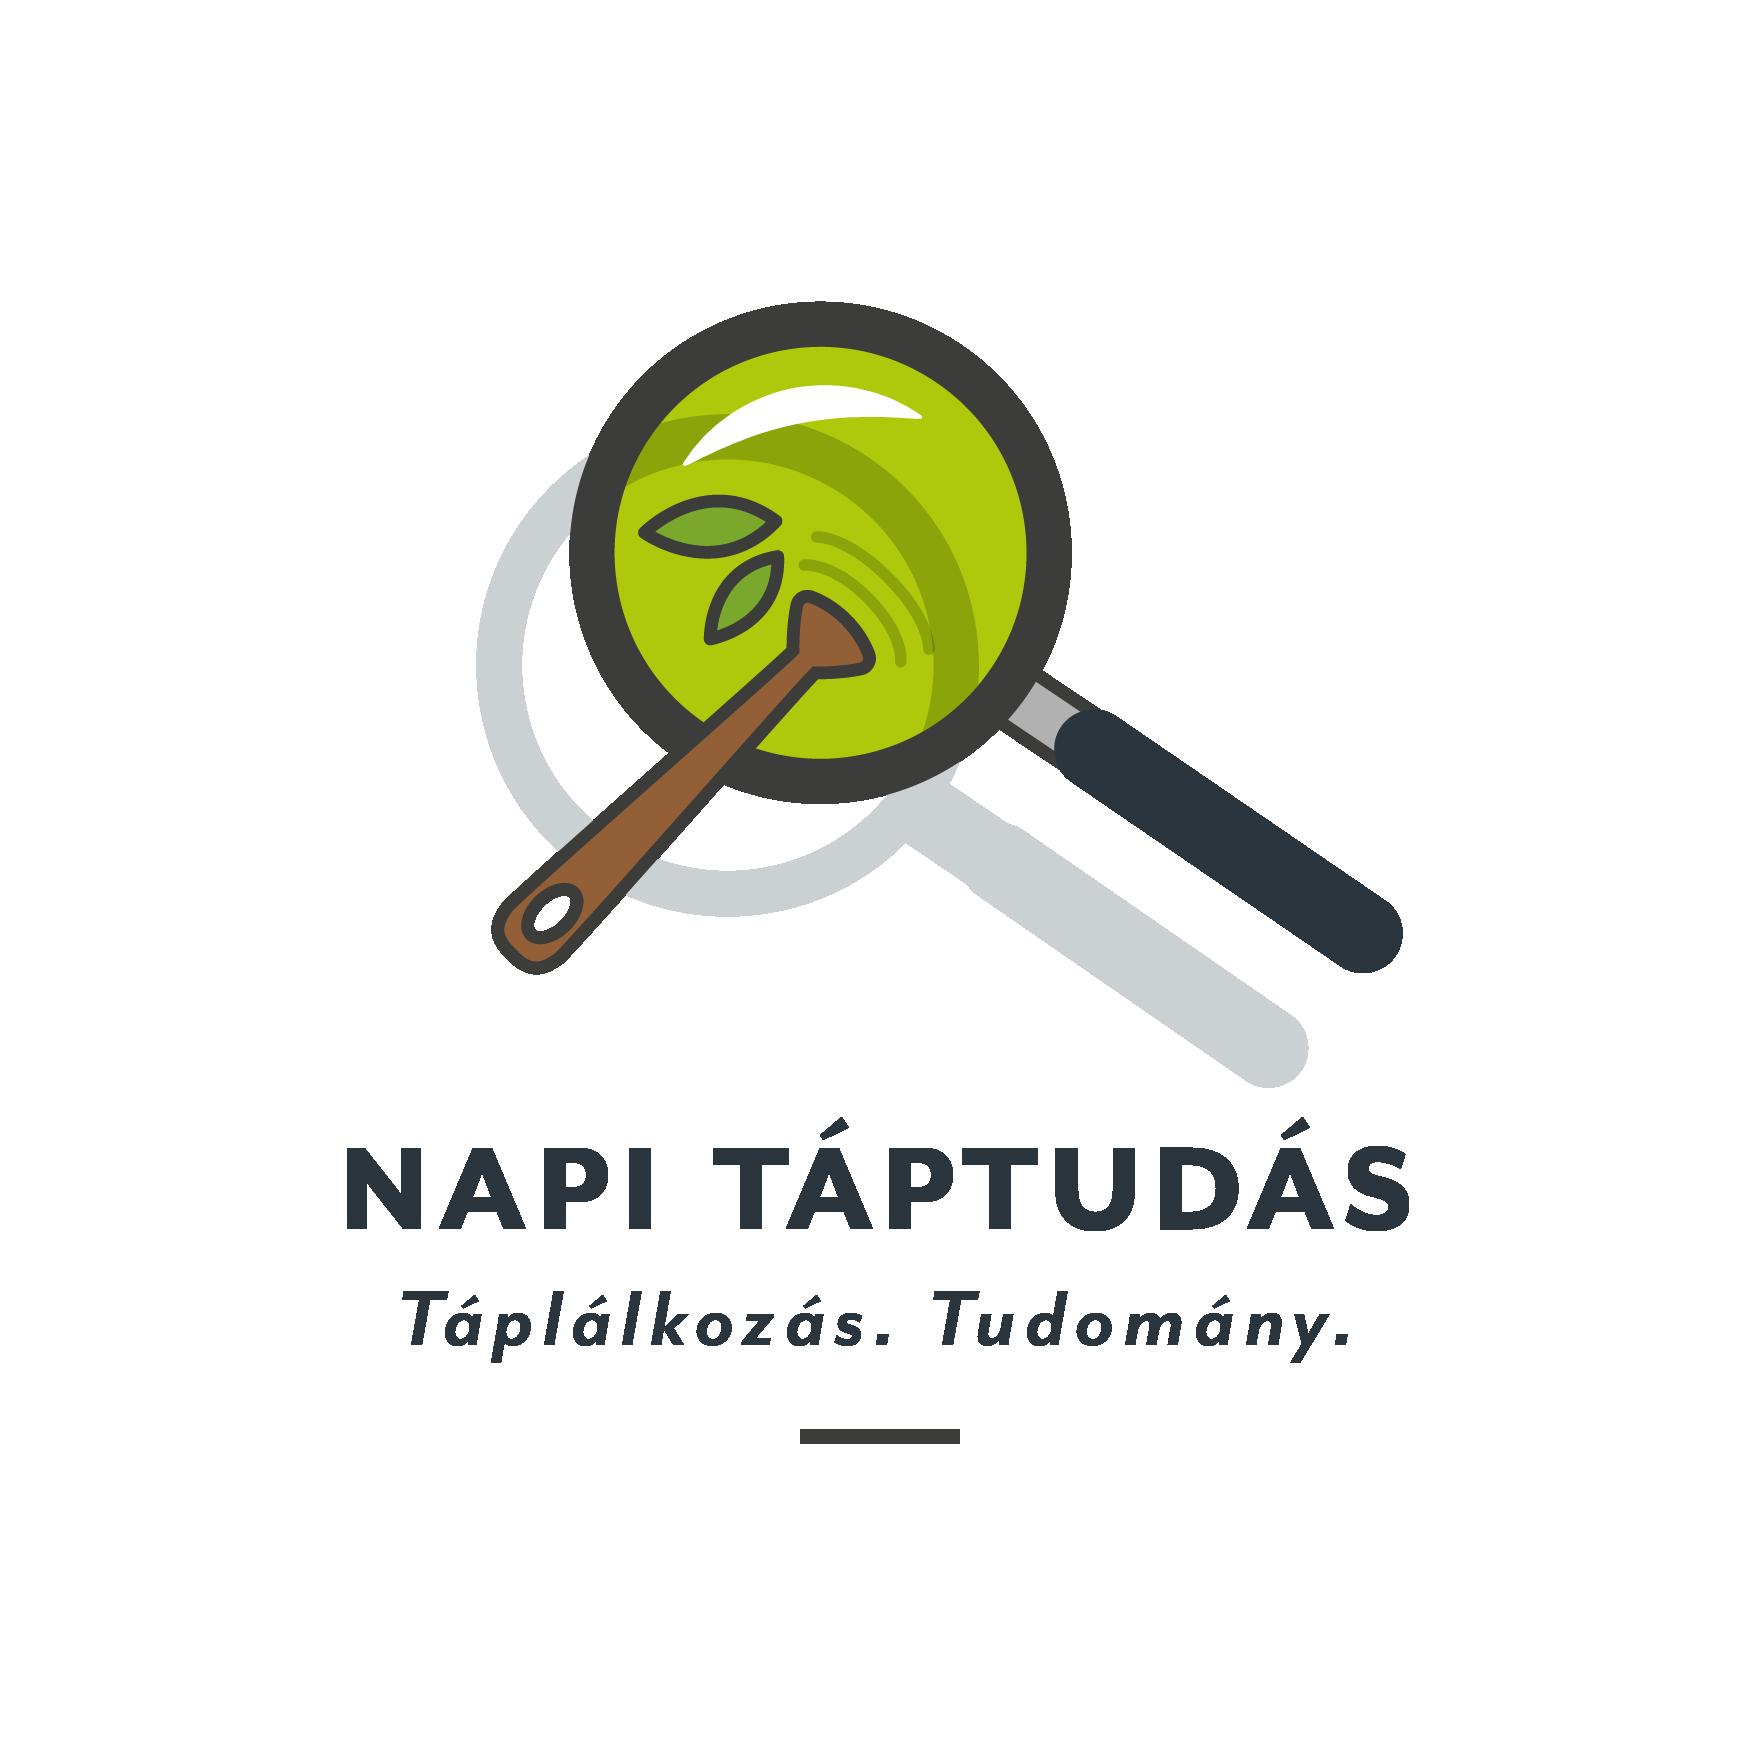 napi-taptudas-logo-2018-01-12-01.png